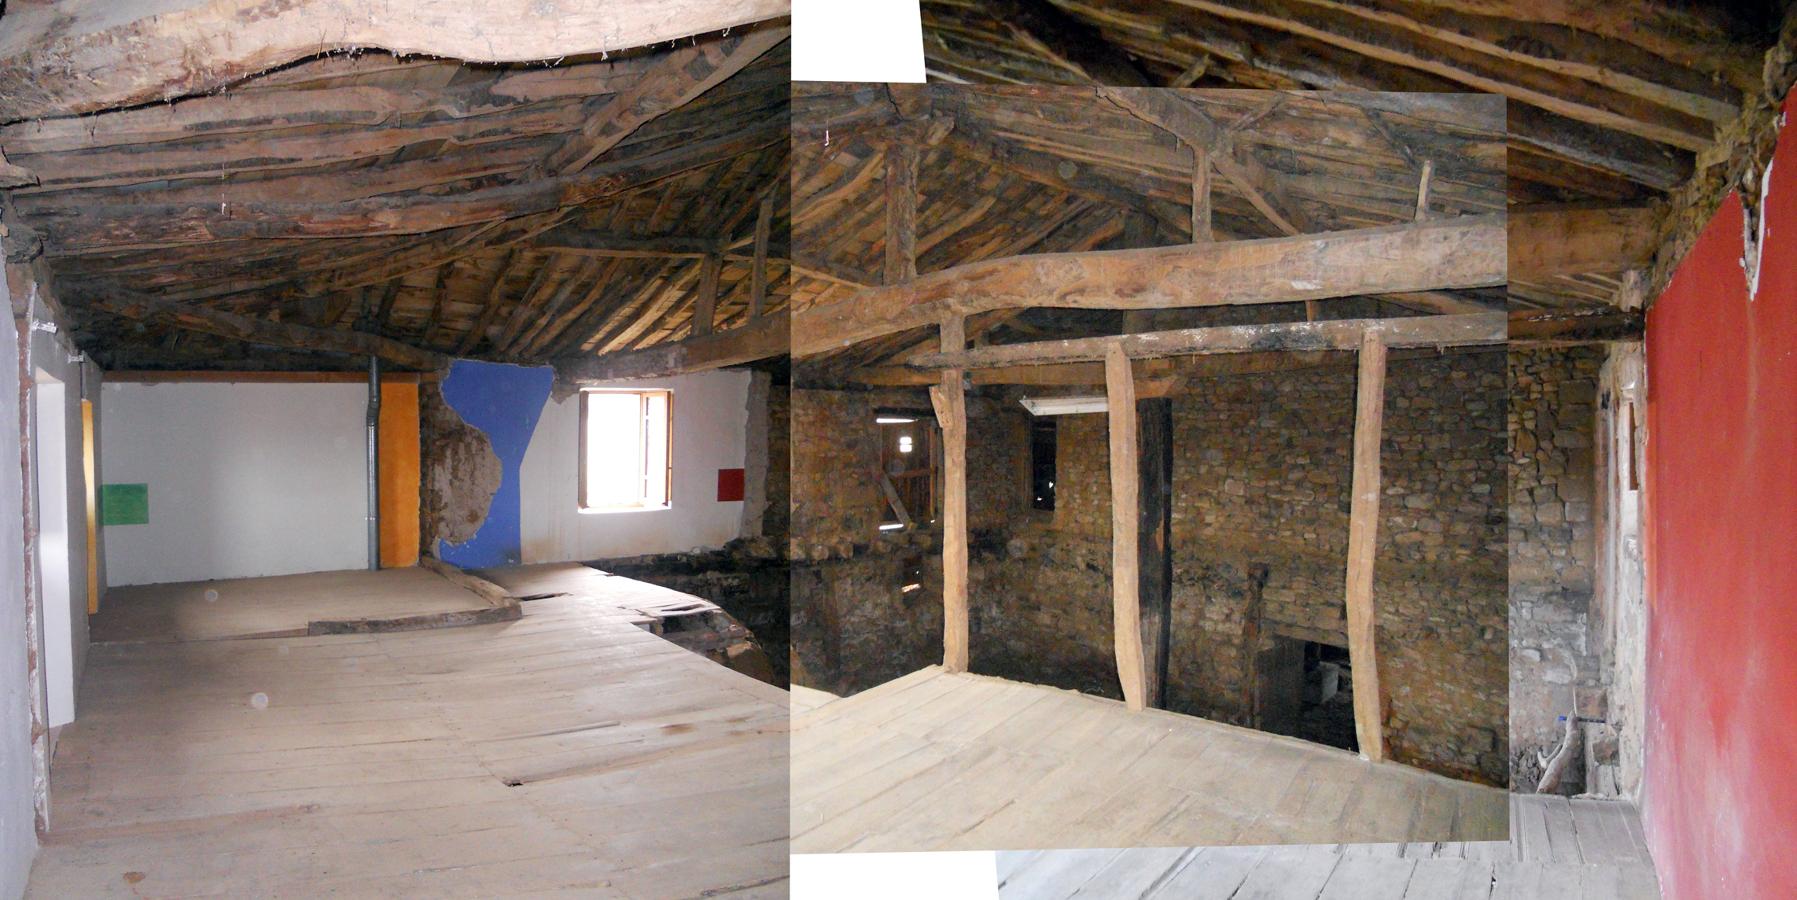 Proyecto y Construcción de reforma de Caserio en Berzosilla (Palencia)